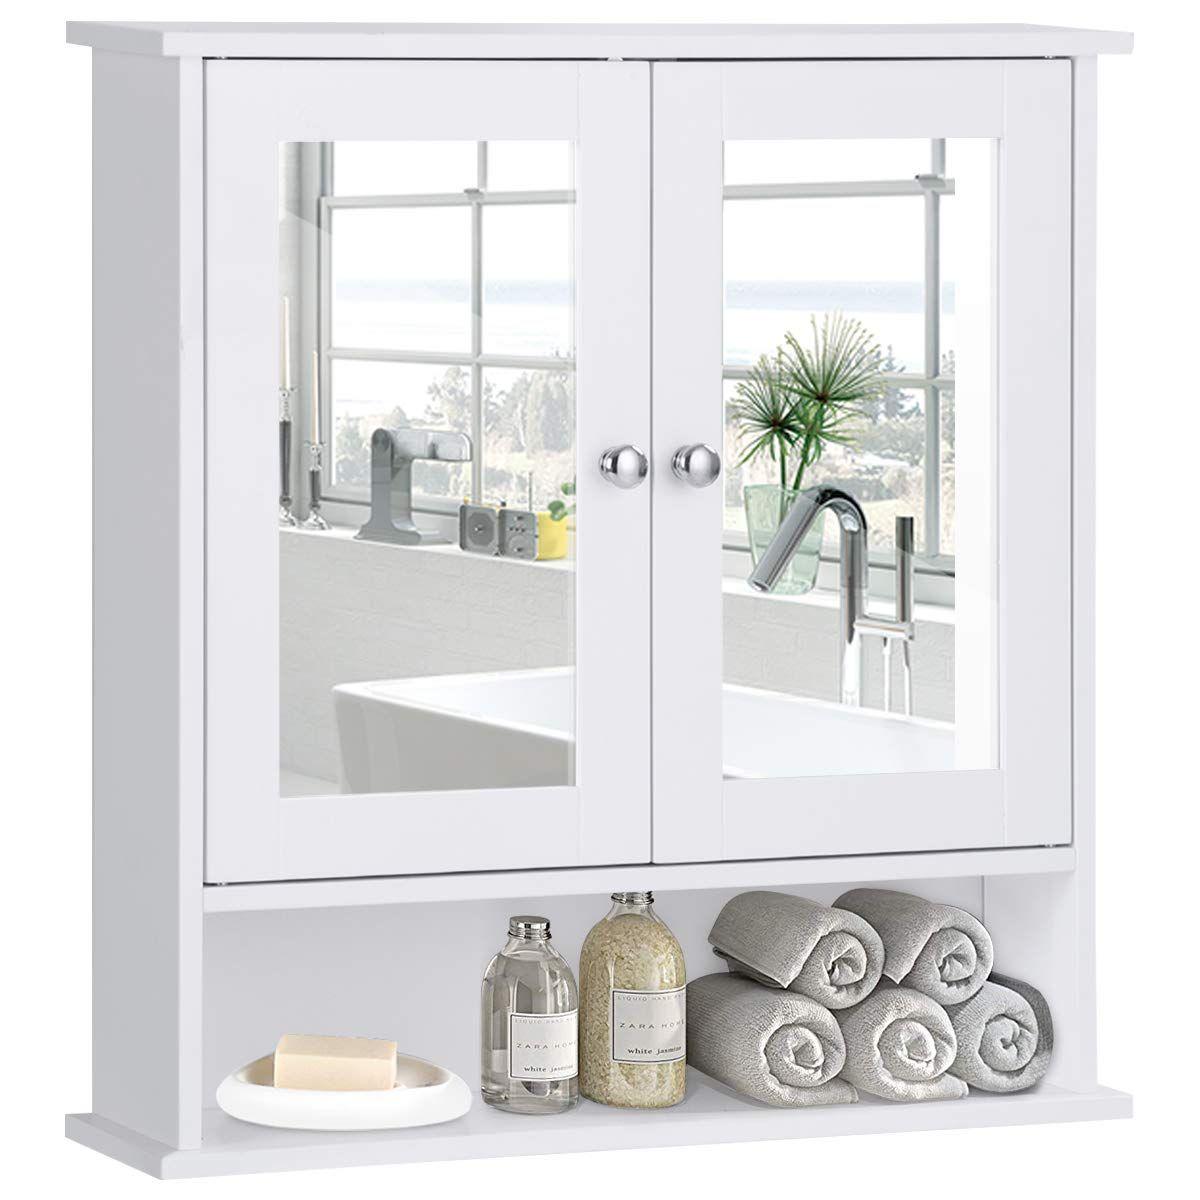 Wall Mount Storage Cabinet With Double Mirror Doors Wood Medicine Cabinet En 2020 Gabinetes Cocina Gabinetes Espejos